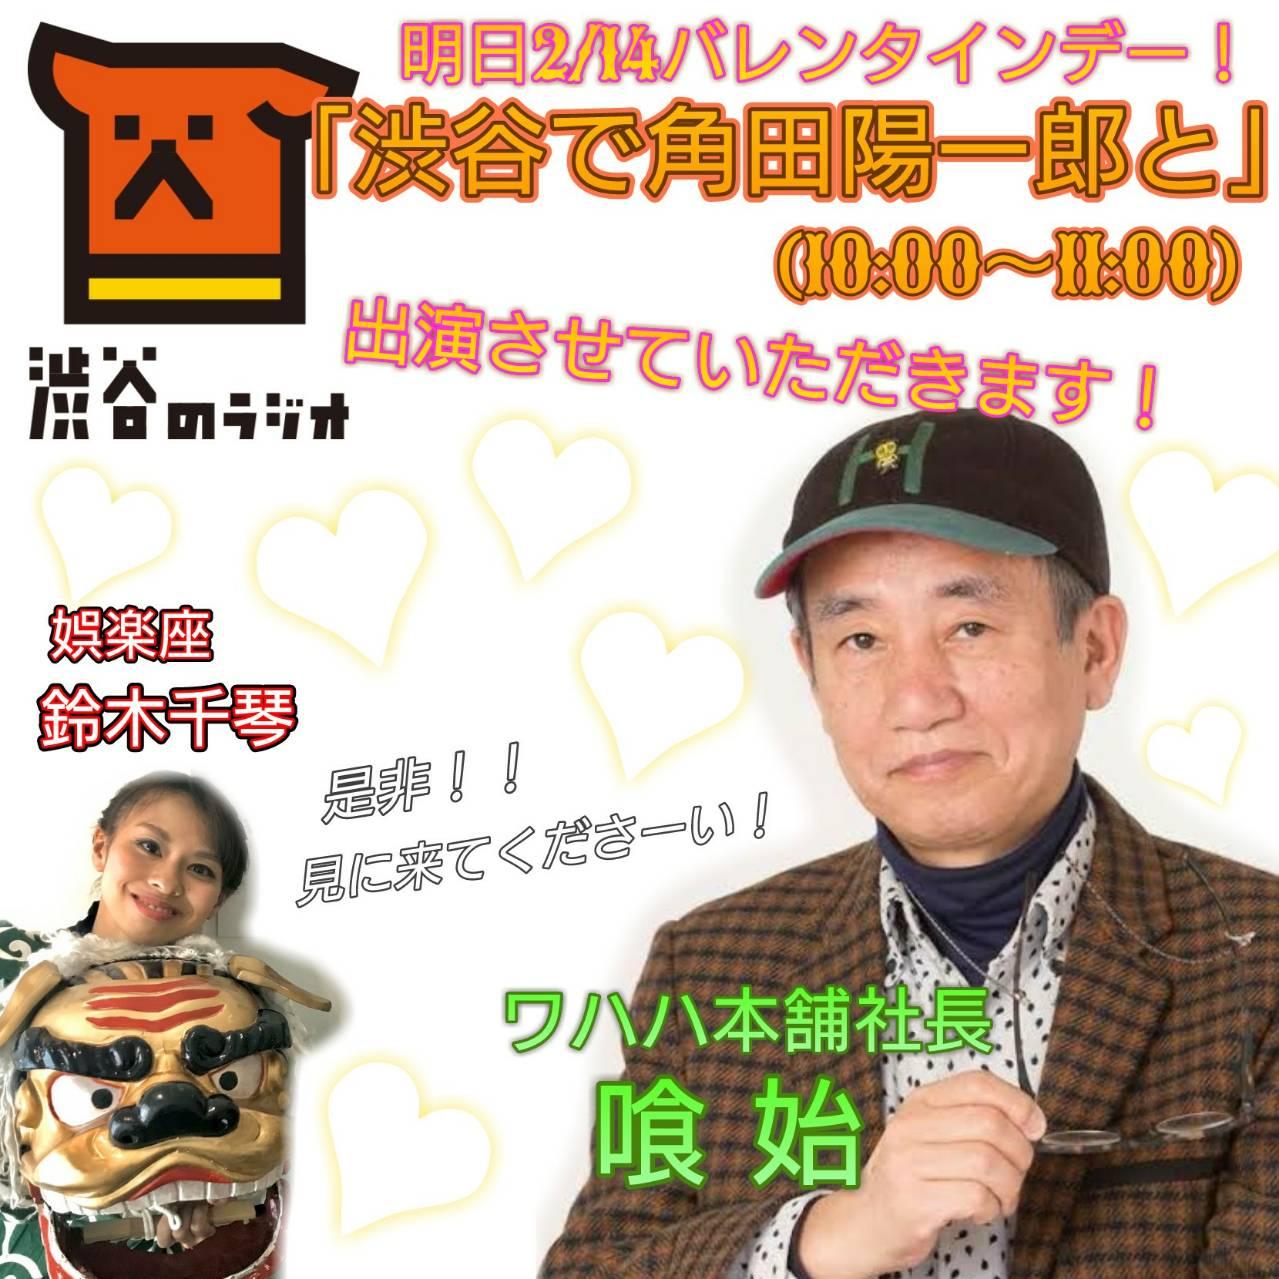 【鈴木千琴出演】ラジオ「渋谷で角田陽一郎と」